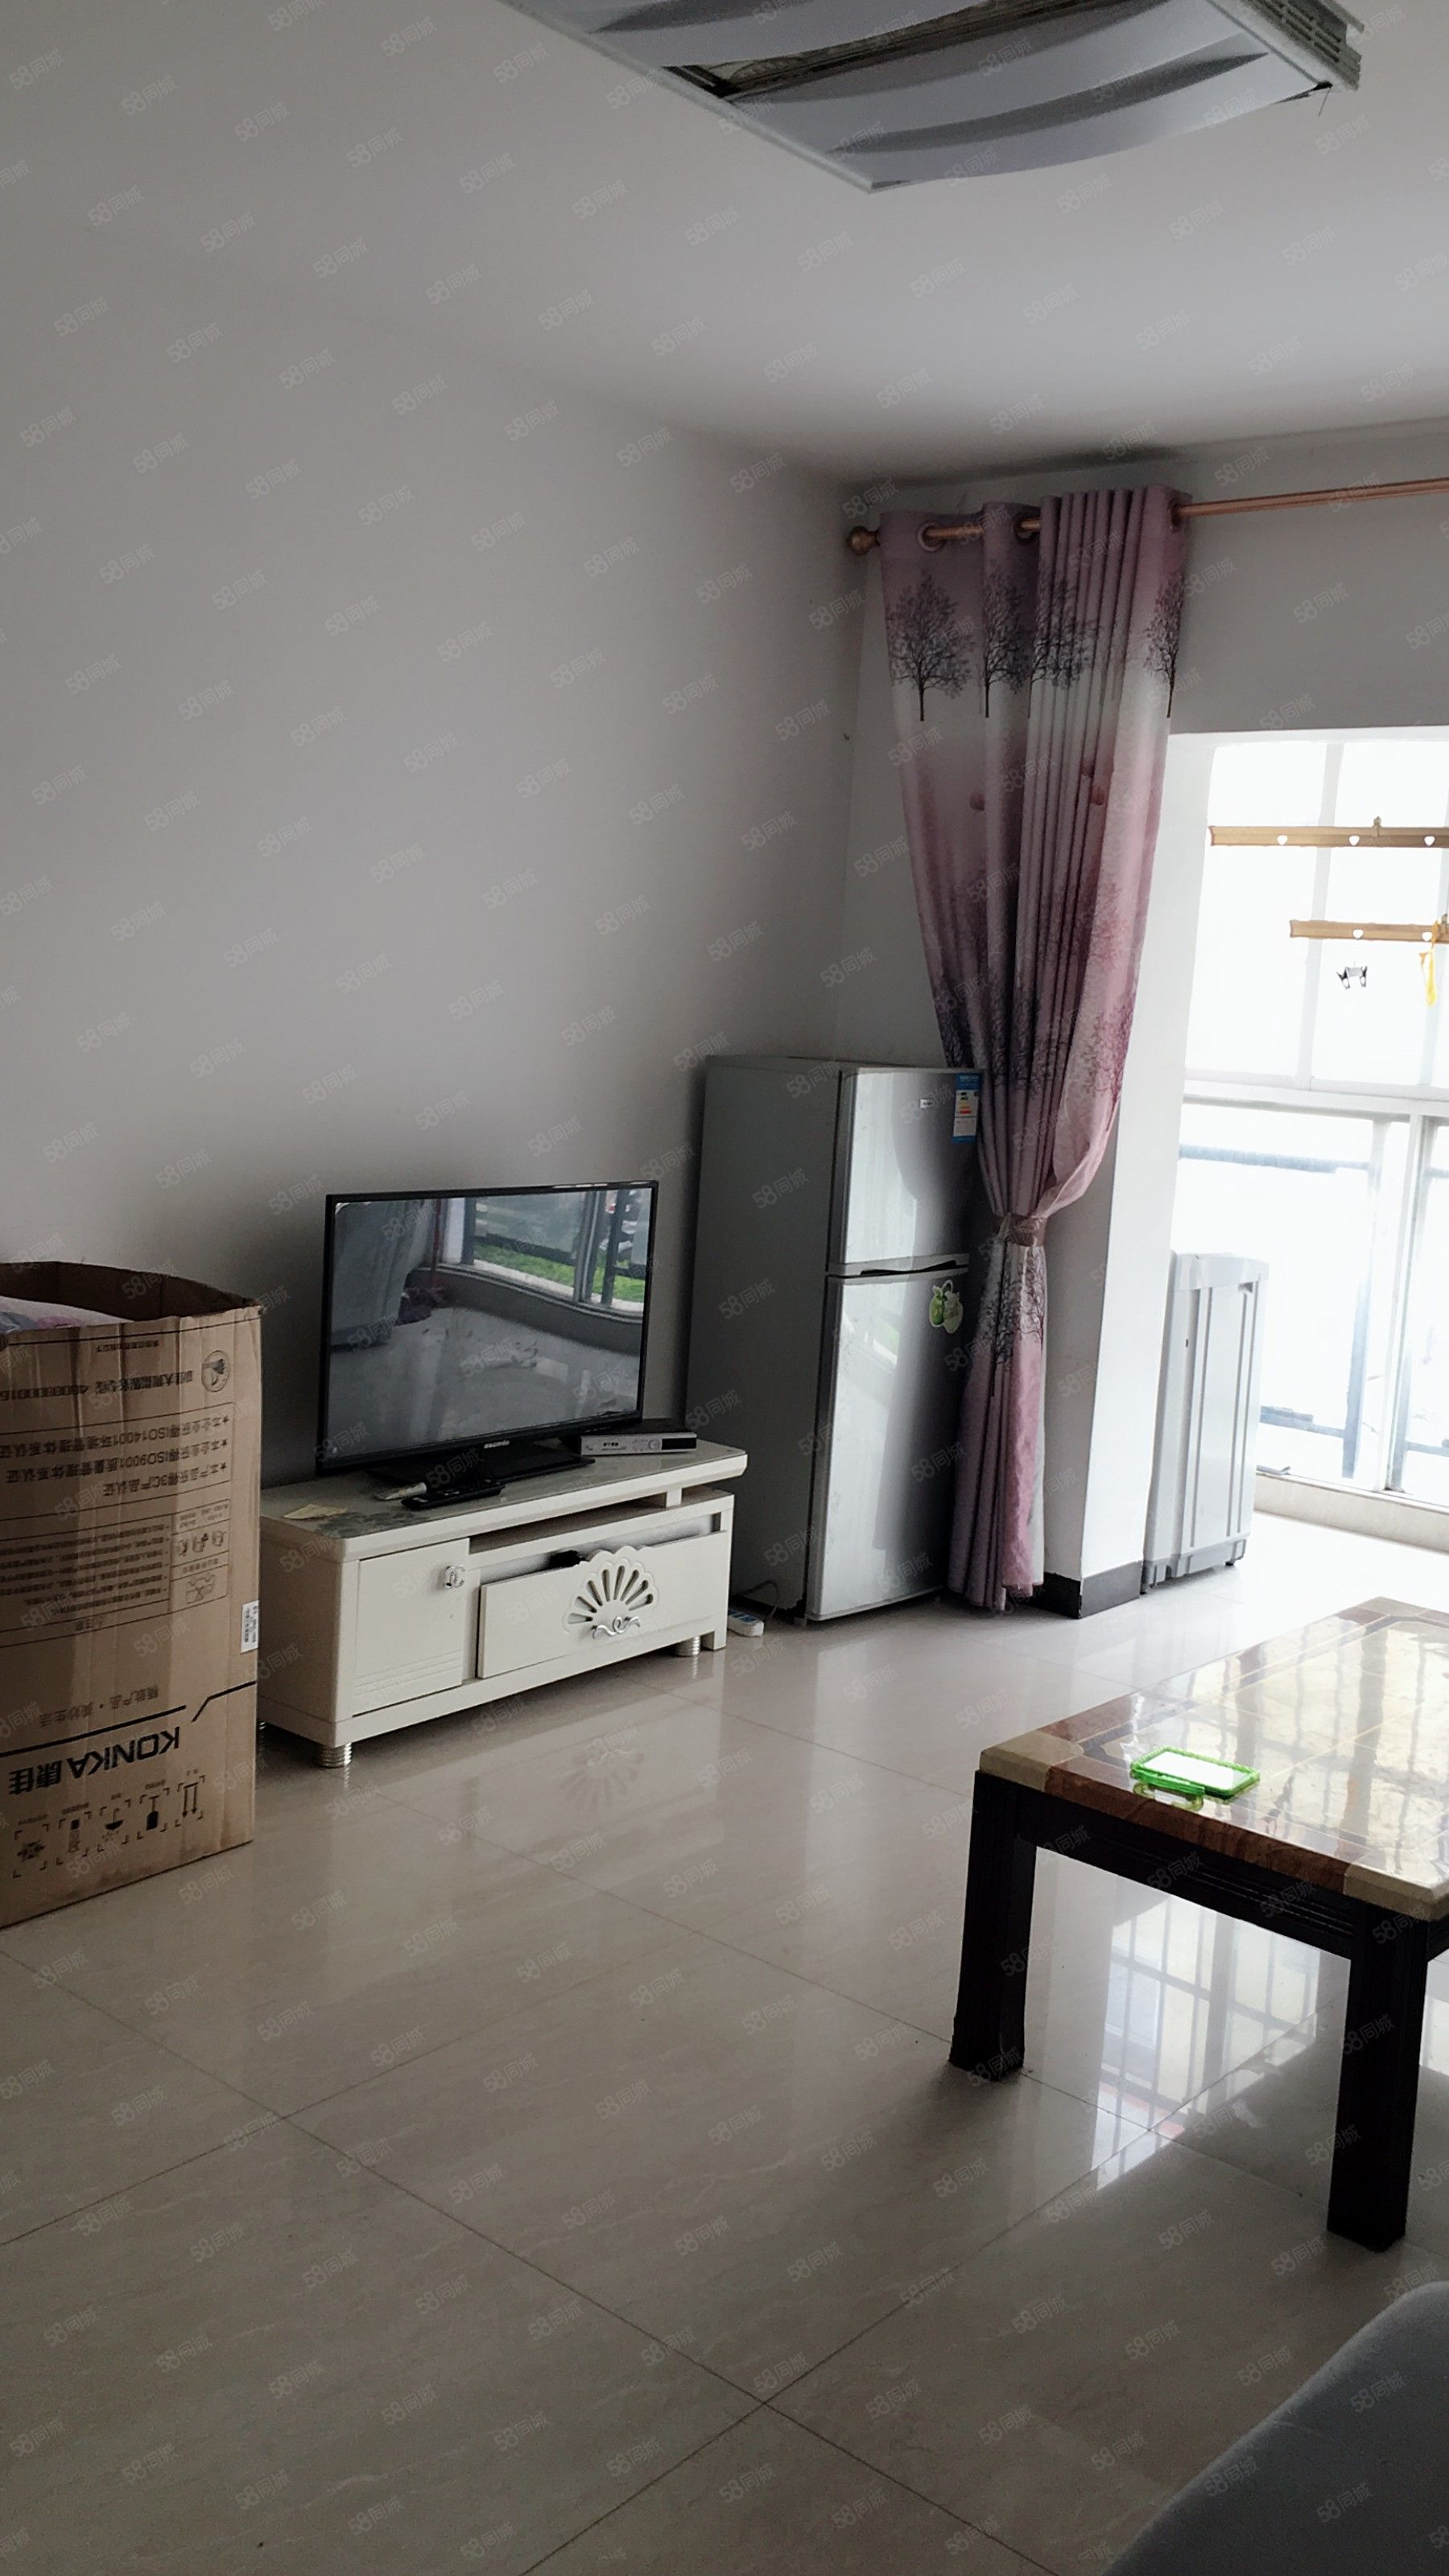 上海路大山花园2房南北通透步梯2楼950元每月